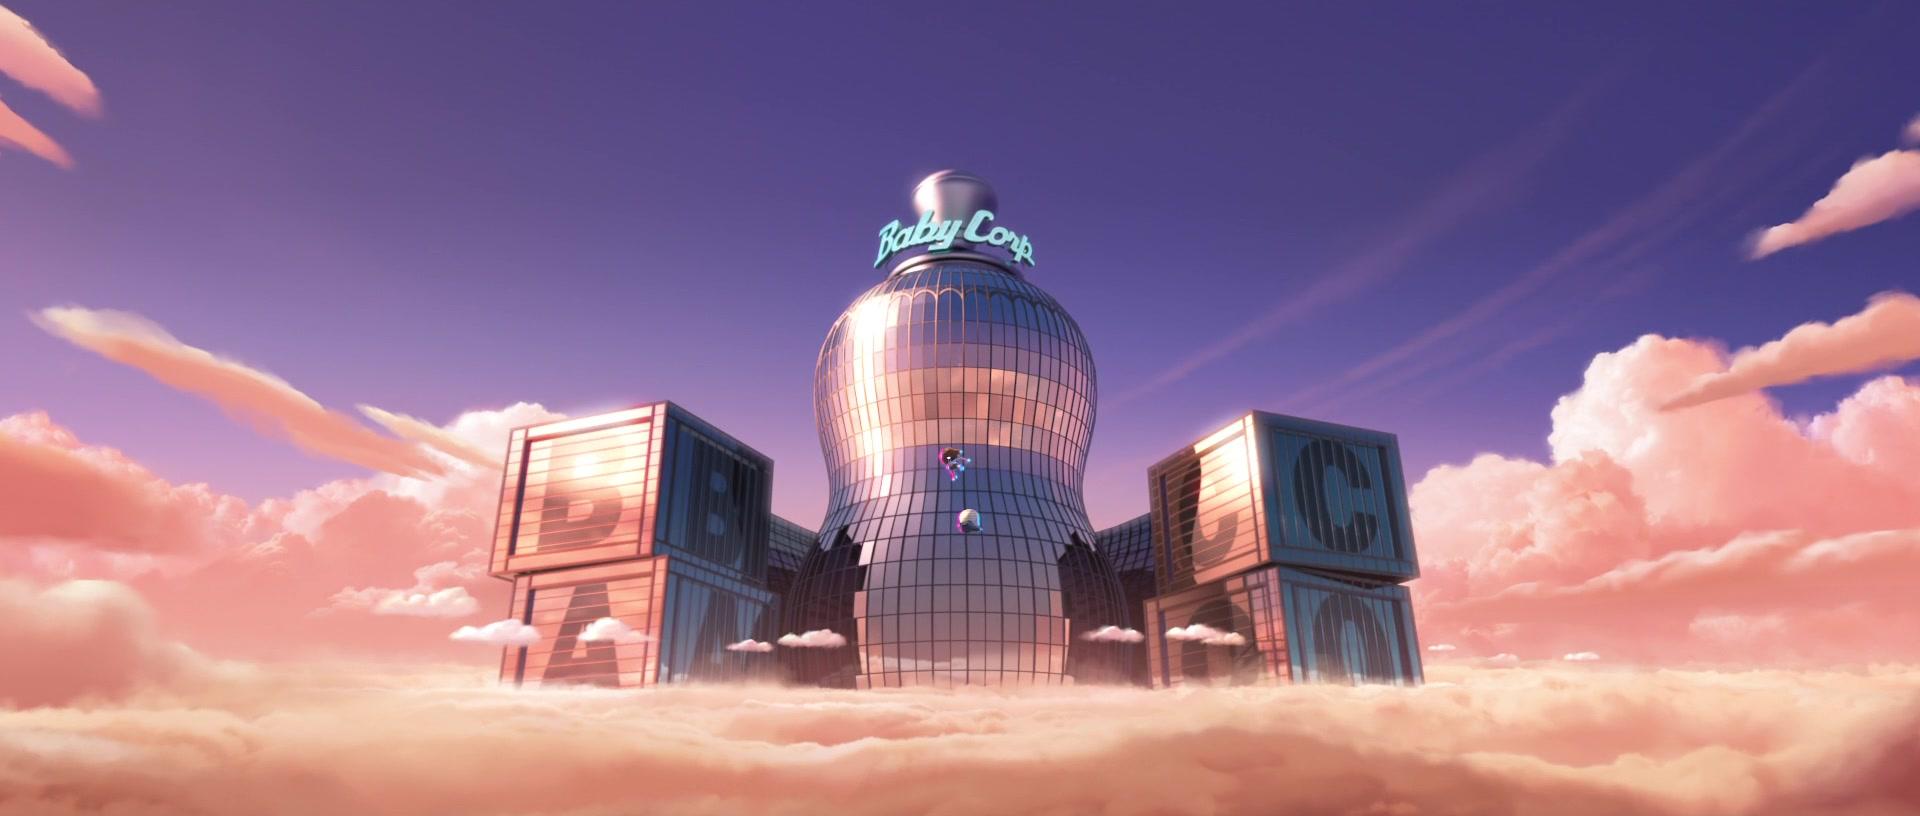 Baby Corp Universal Studios Wiki Fandom Powered By Wikia